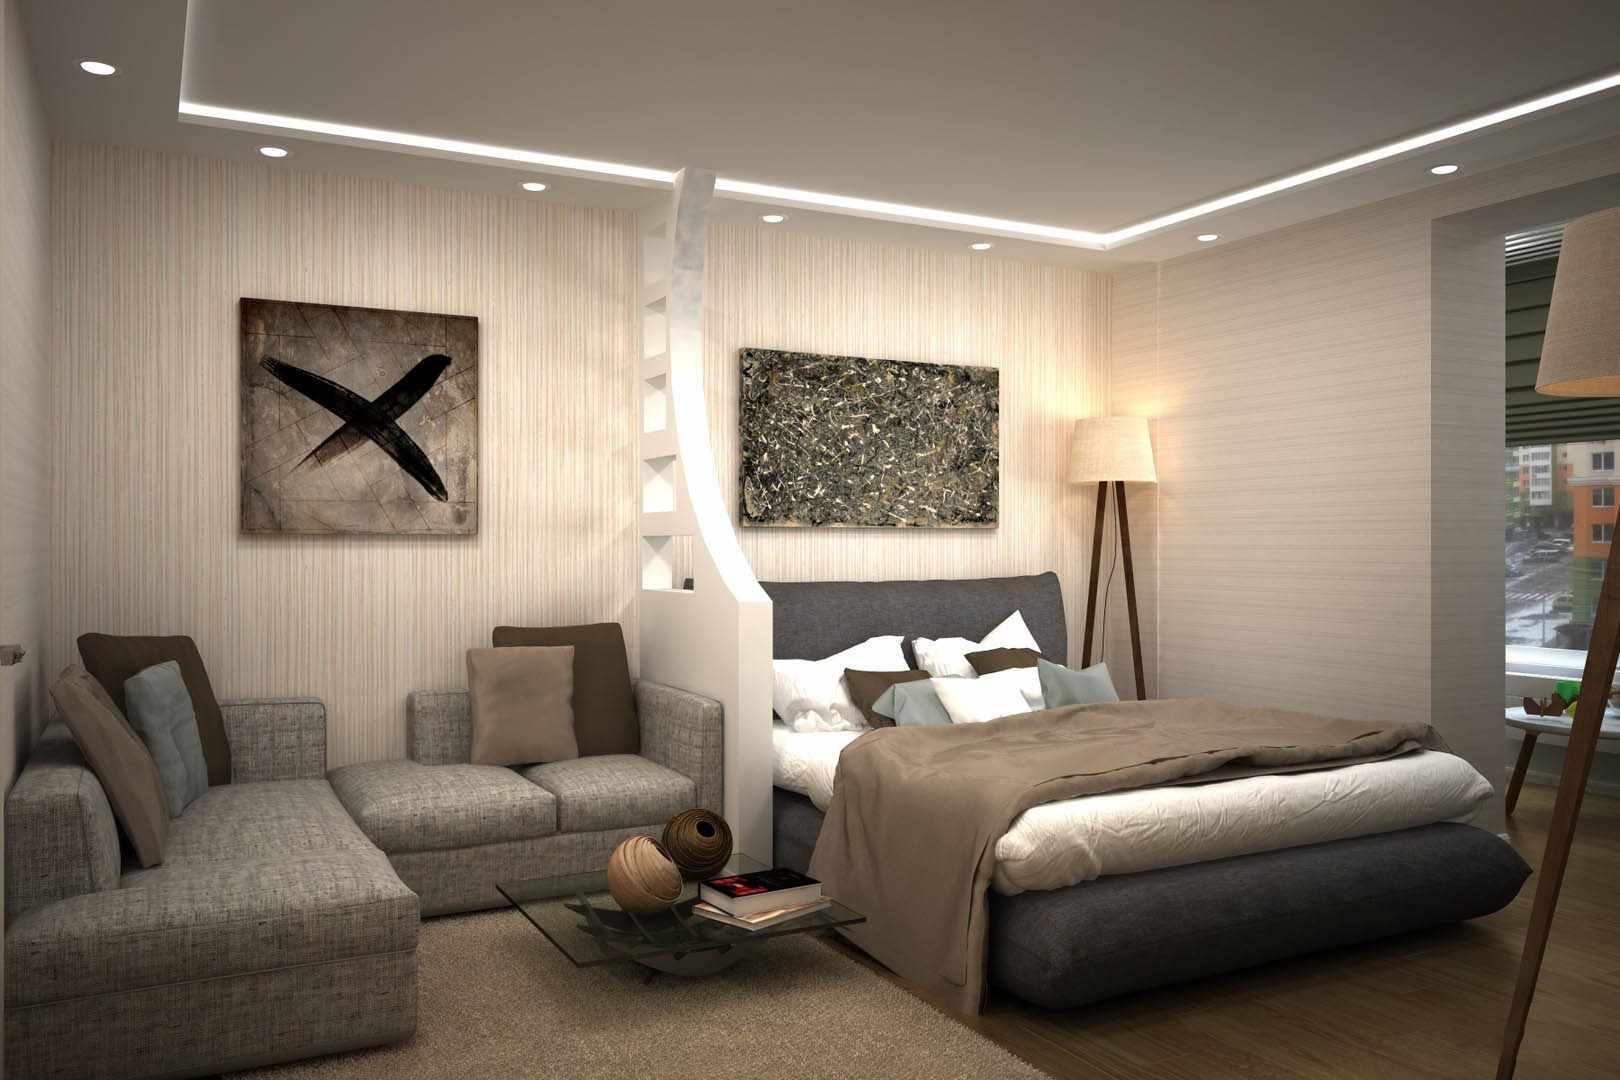 Комоды в гостиную длинные классические вместо стенки в современном стиле, угловой большой комод